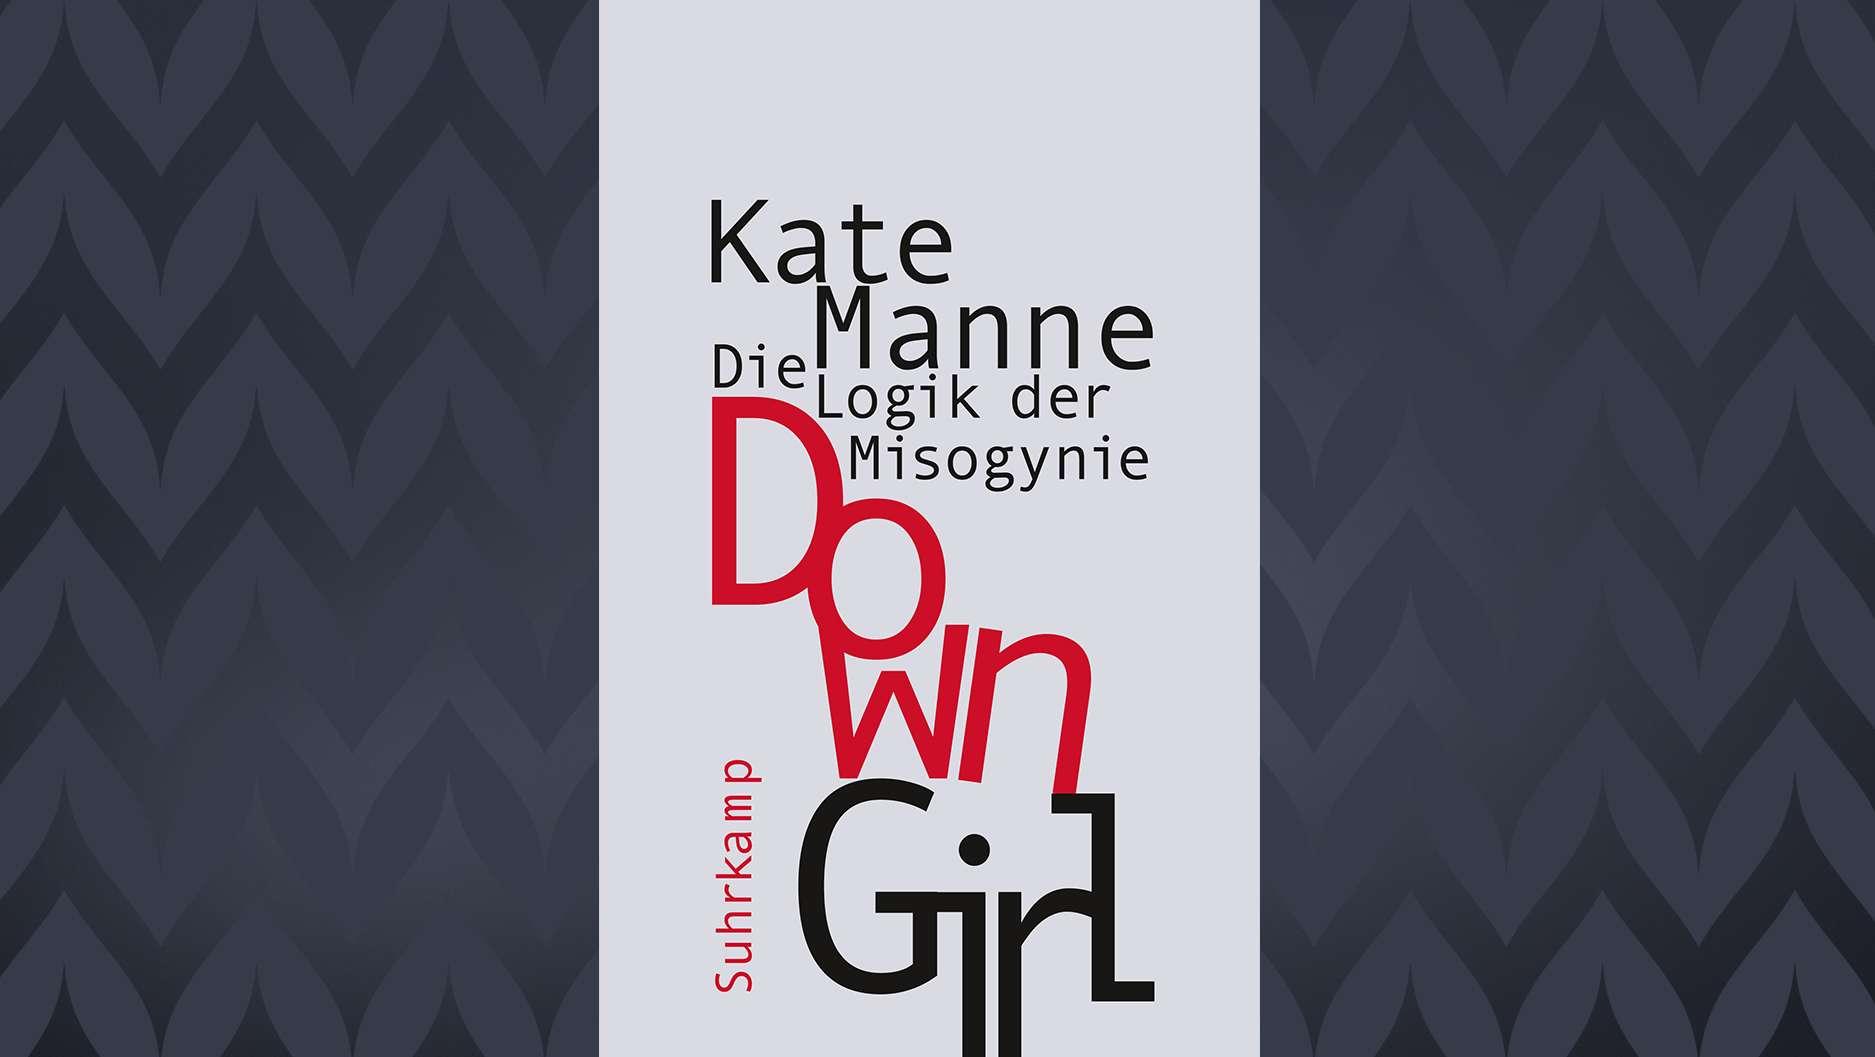 Down Down Girl wurde u.a. von der Washington Post zu einem der besten Bücher des Jahres 2017 gekürt